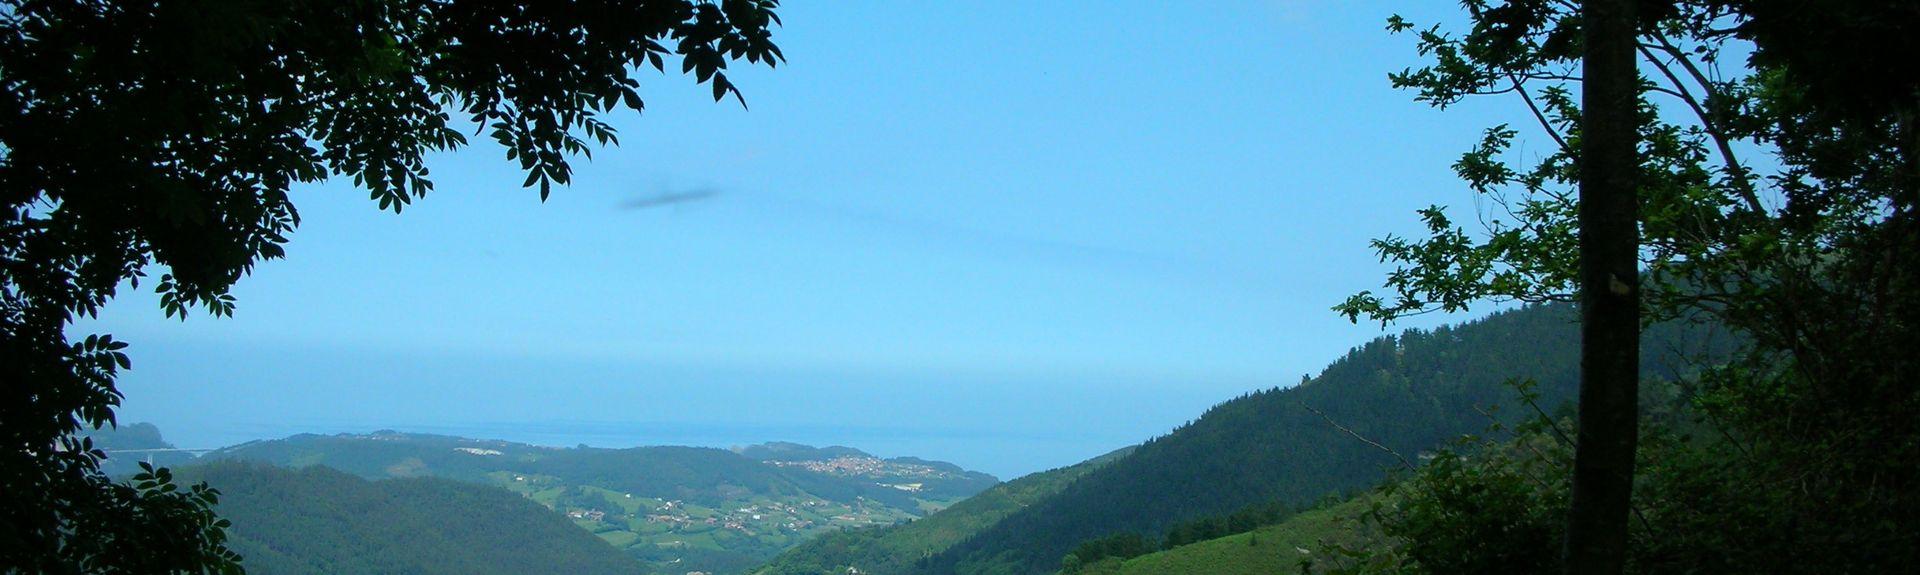 Bajo Nalón, Principado de Asturias, España